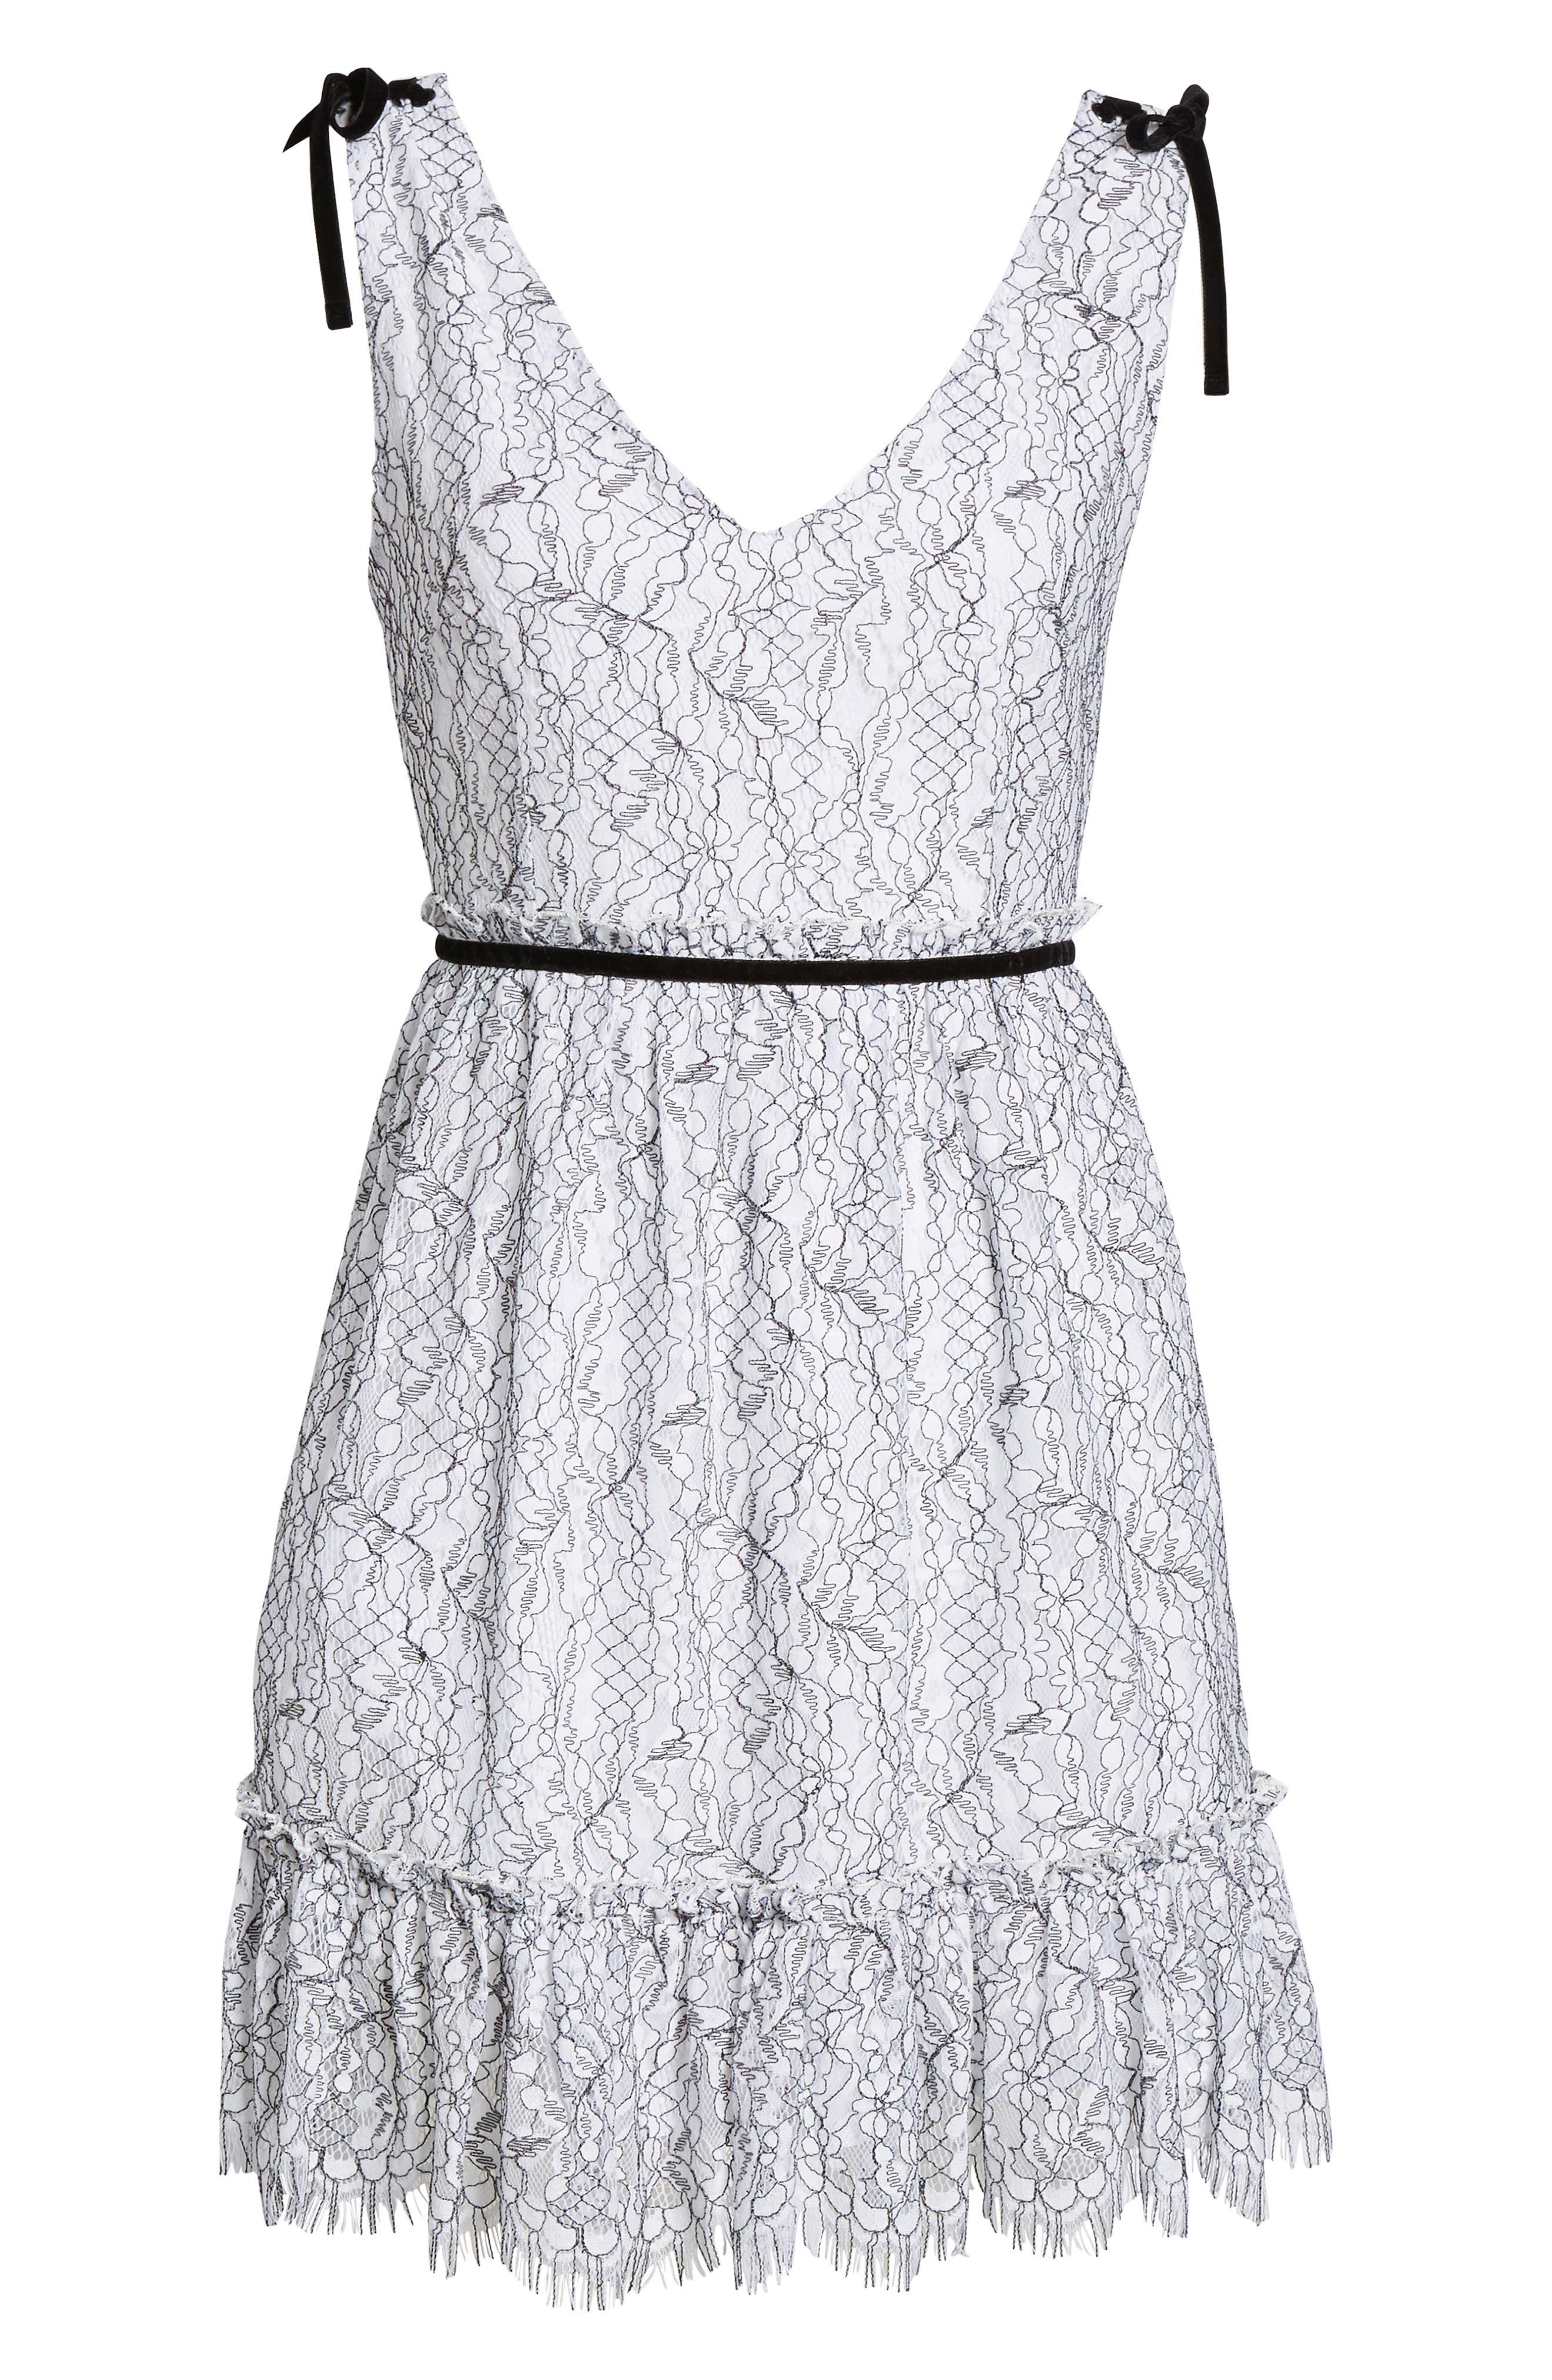 Ezzy Lace Dress,                             Alternate thumbnail 6, color,                             900